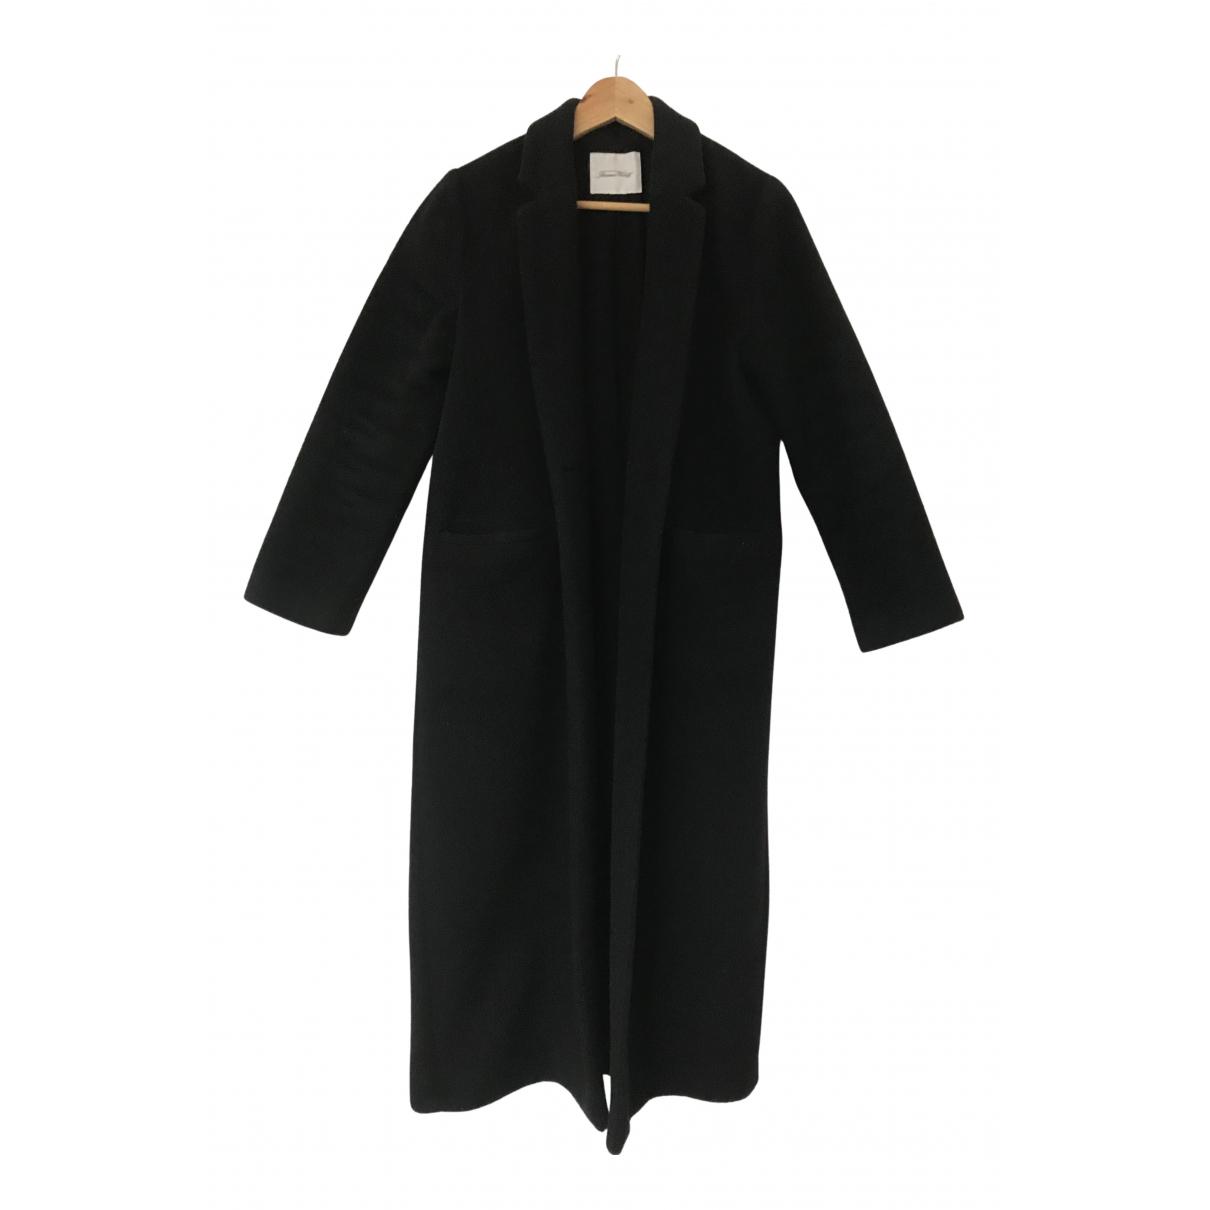 American Vintage - Manteau   pour femme en laine - noir